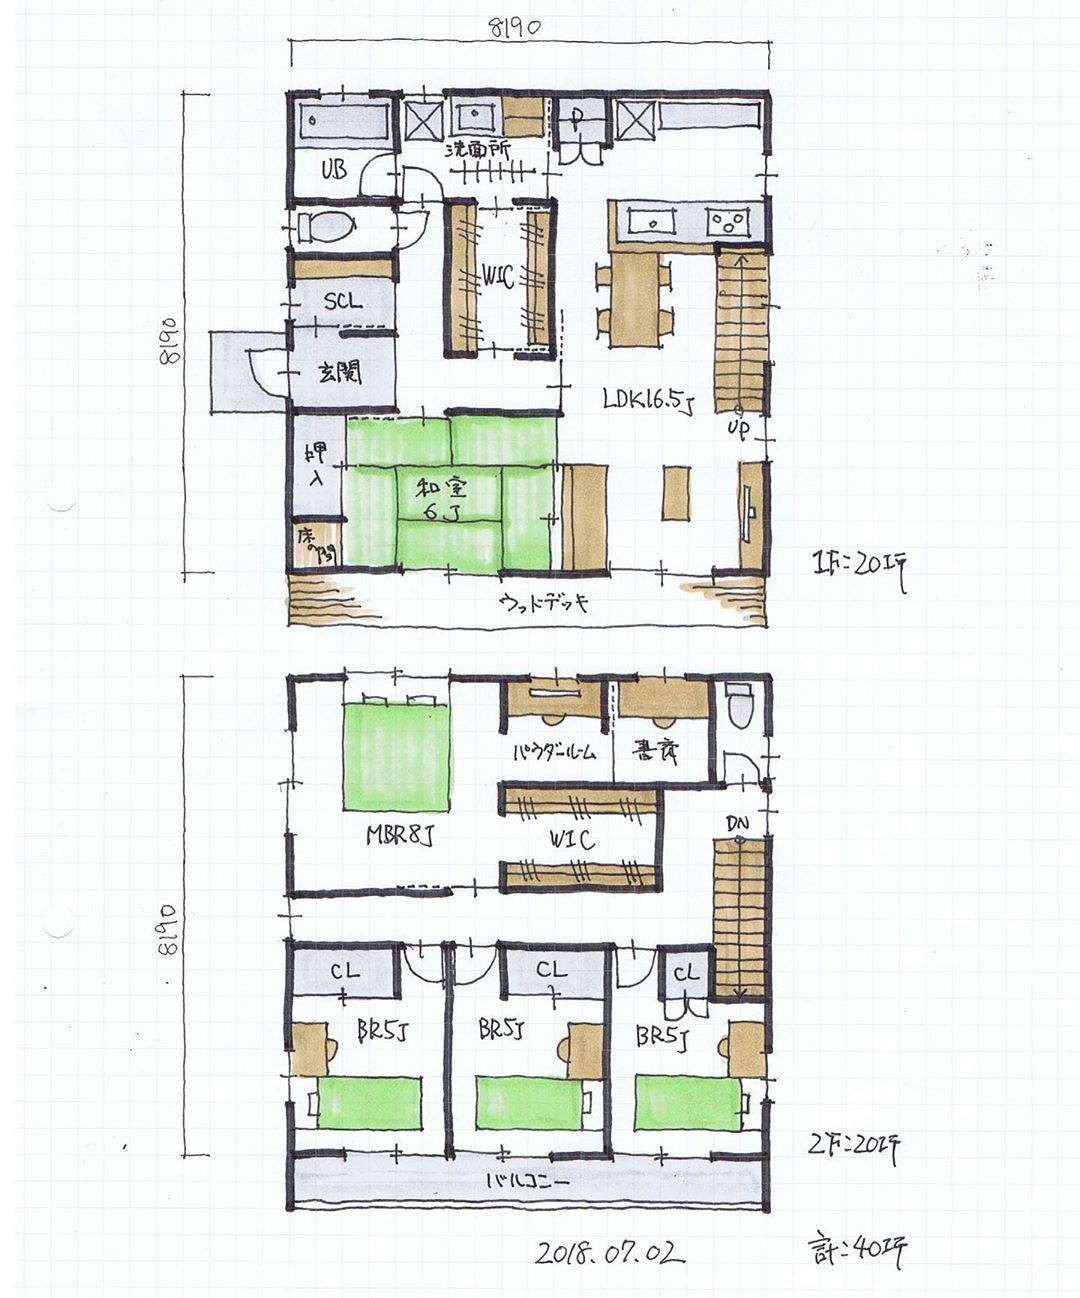 アトリエオーブさんはinstagramを利用しています 40坪の間取り 外観はアレンジしています 洗面脱衣室続きでfwicのある間取り 床の間付きの和室もありますよ 将来1階で生活することを想定して和室を寝室としても使えるように と希望される方も多い